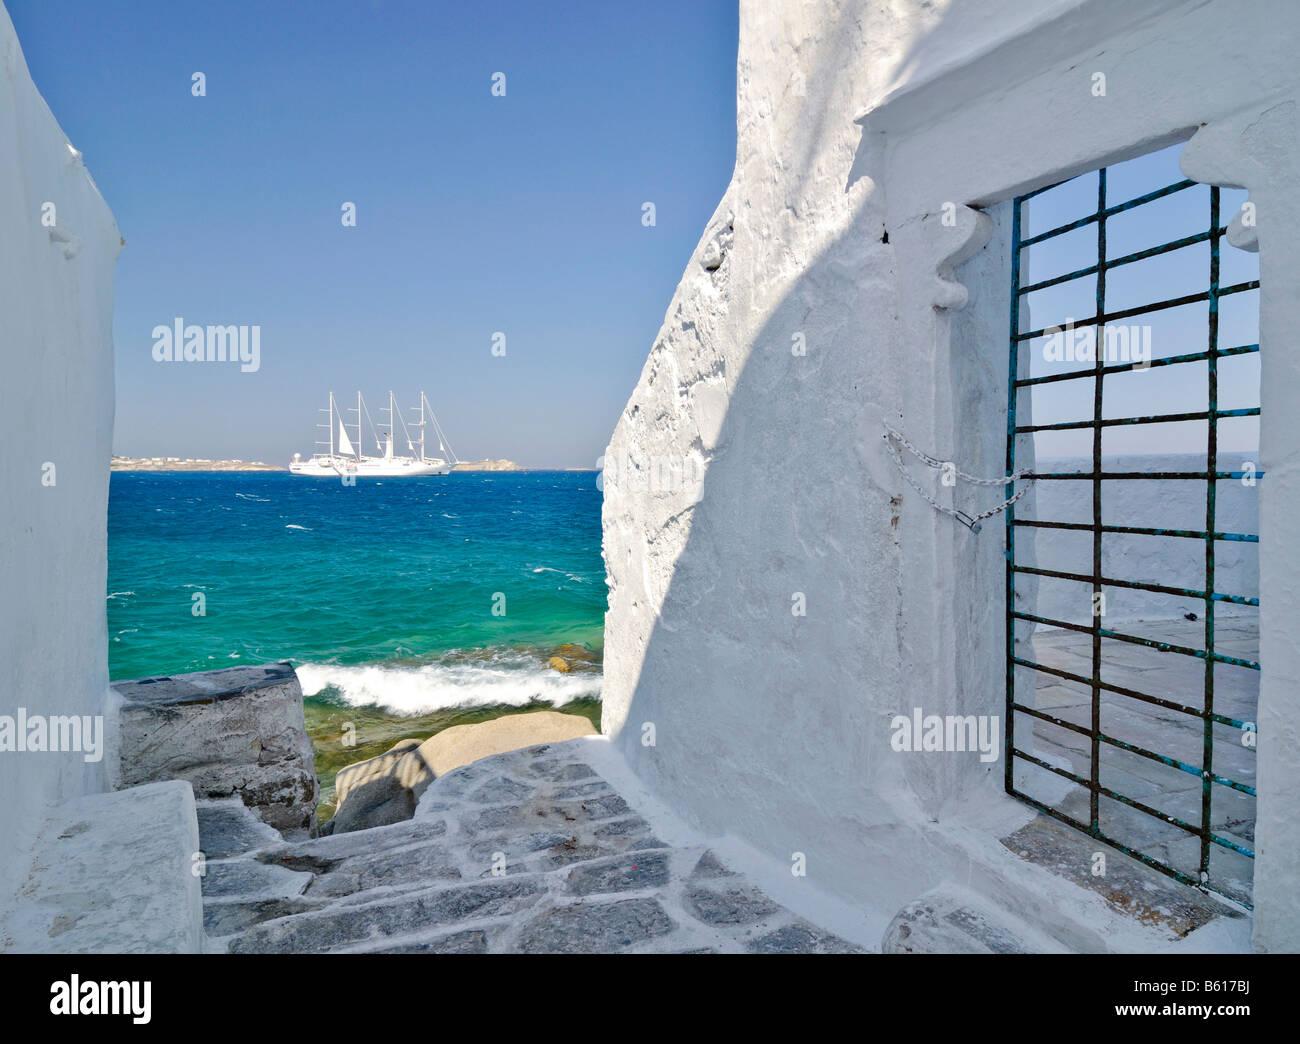 Blick durch eine Gasse mit weißen Wänden und einer Tür mit Bars gegenüber einer vier-Mast-Segelschiff oder der Barke Stockfoto